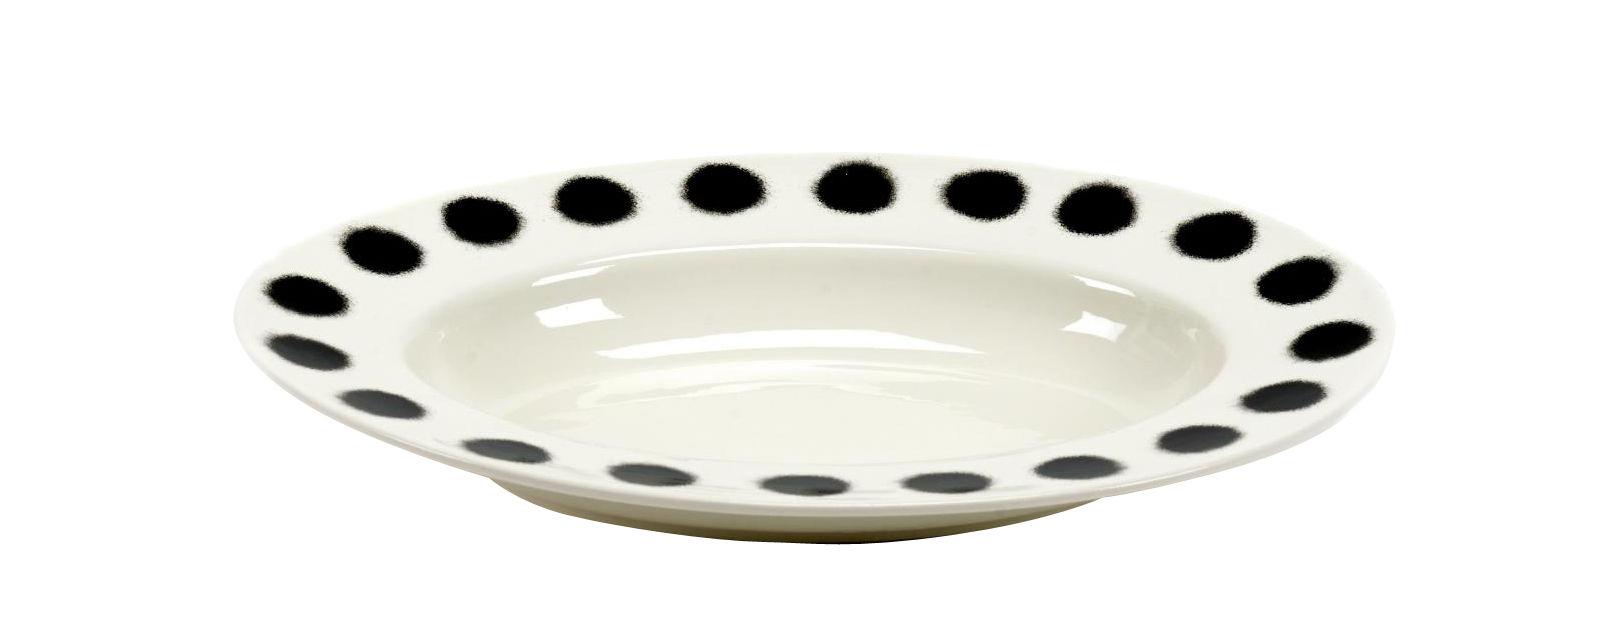 Arts de la table - Assiettes - Assiette creuse Pasta Pasta / Plat pour pâtes - Porcelaine - 31 x 21 cm - Serax - Noir & blanc - Porcelaine